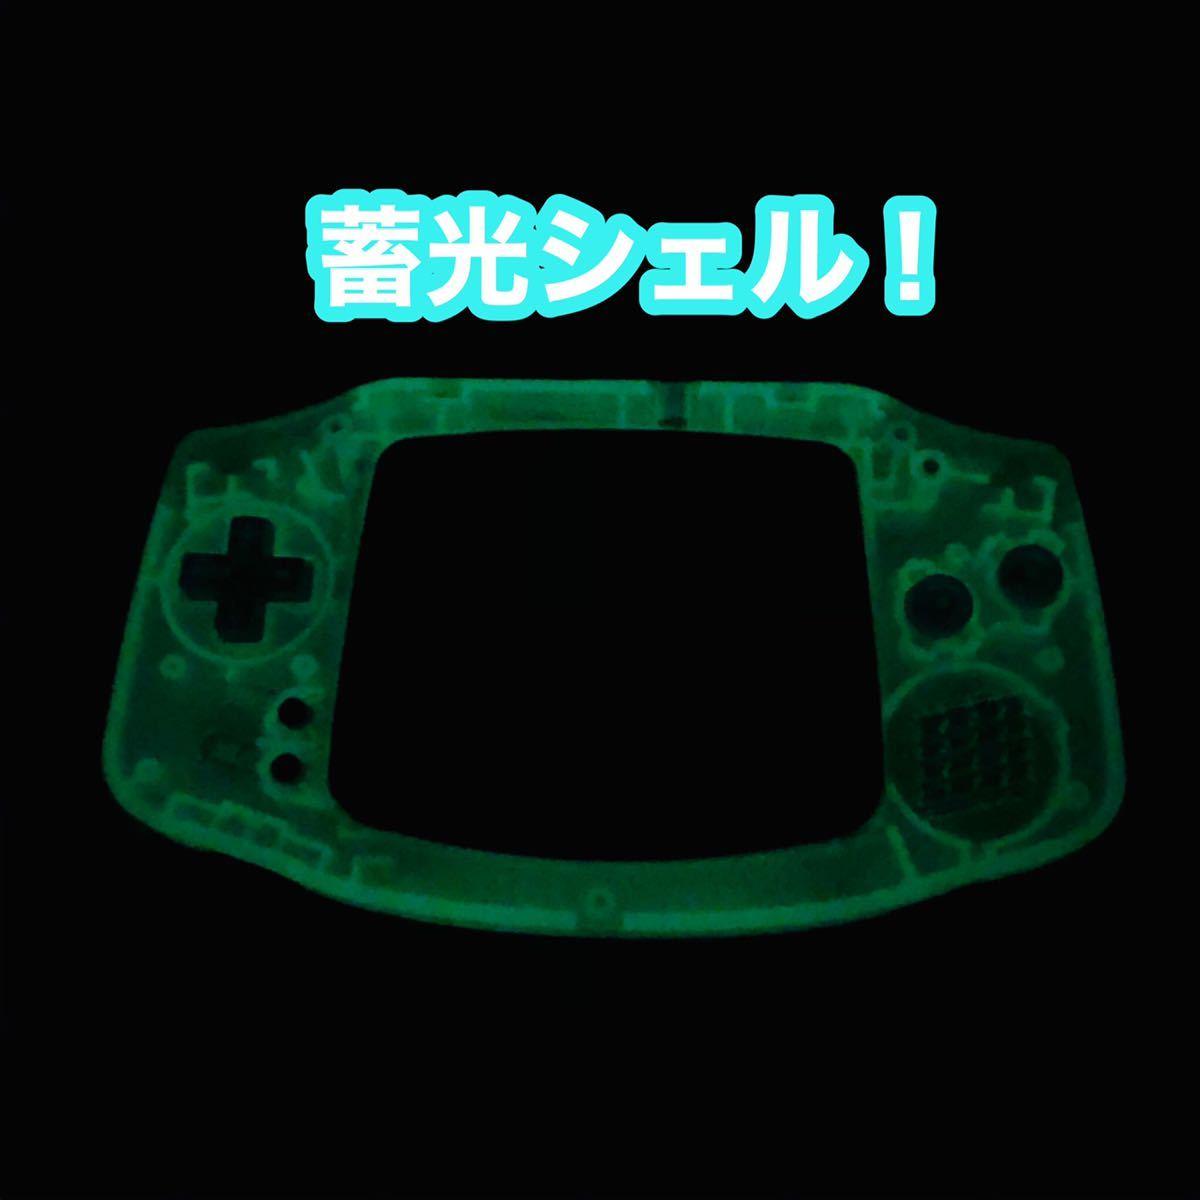 ゲームボーイアドバンス IPSV2バックライト クリアブルーカスタム 蓄光シェル